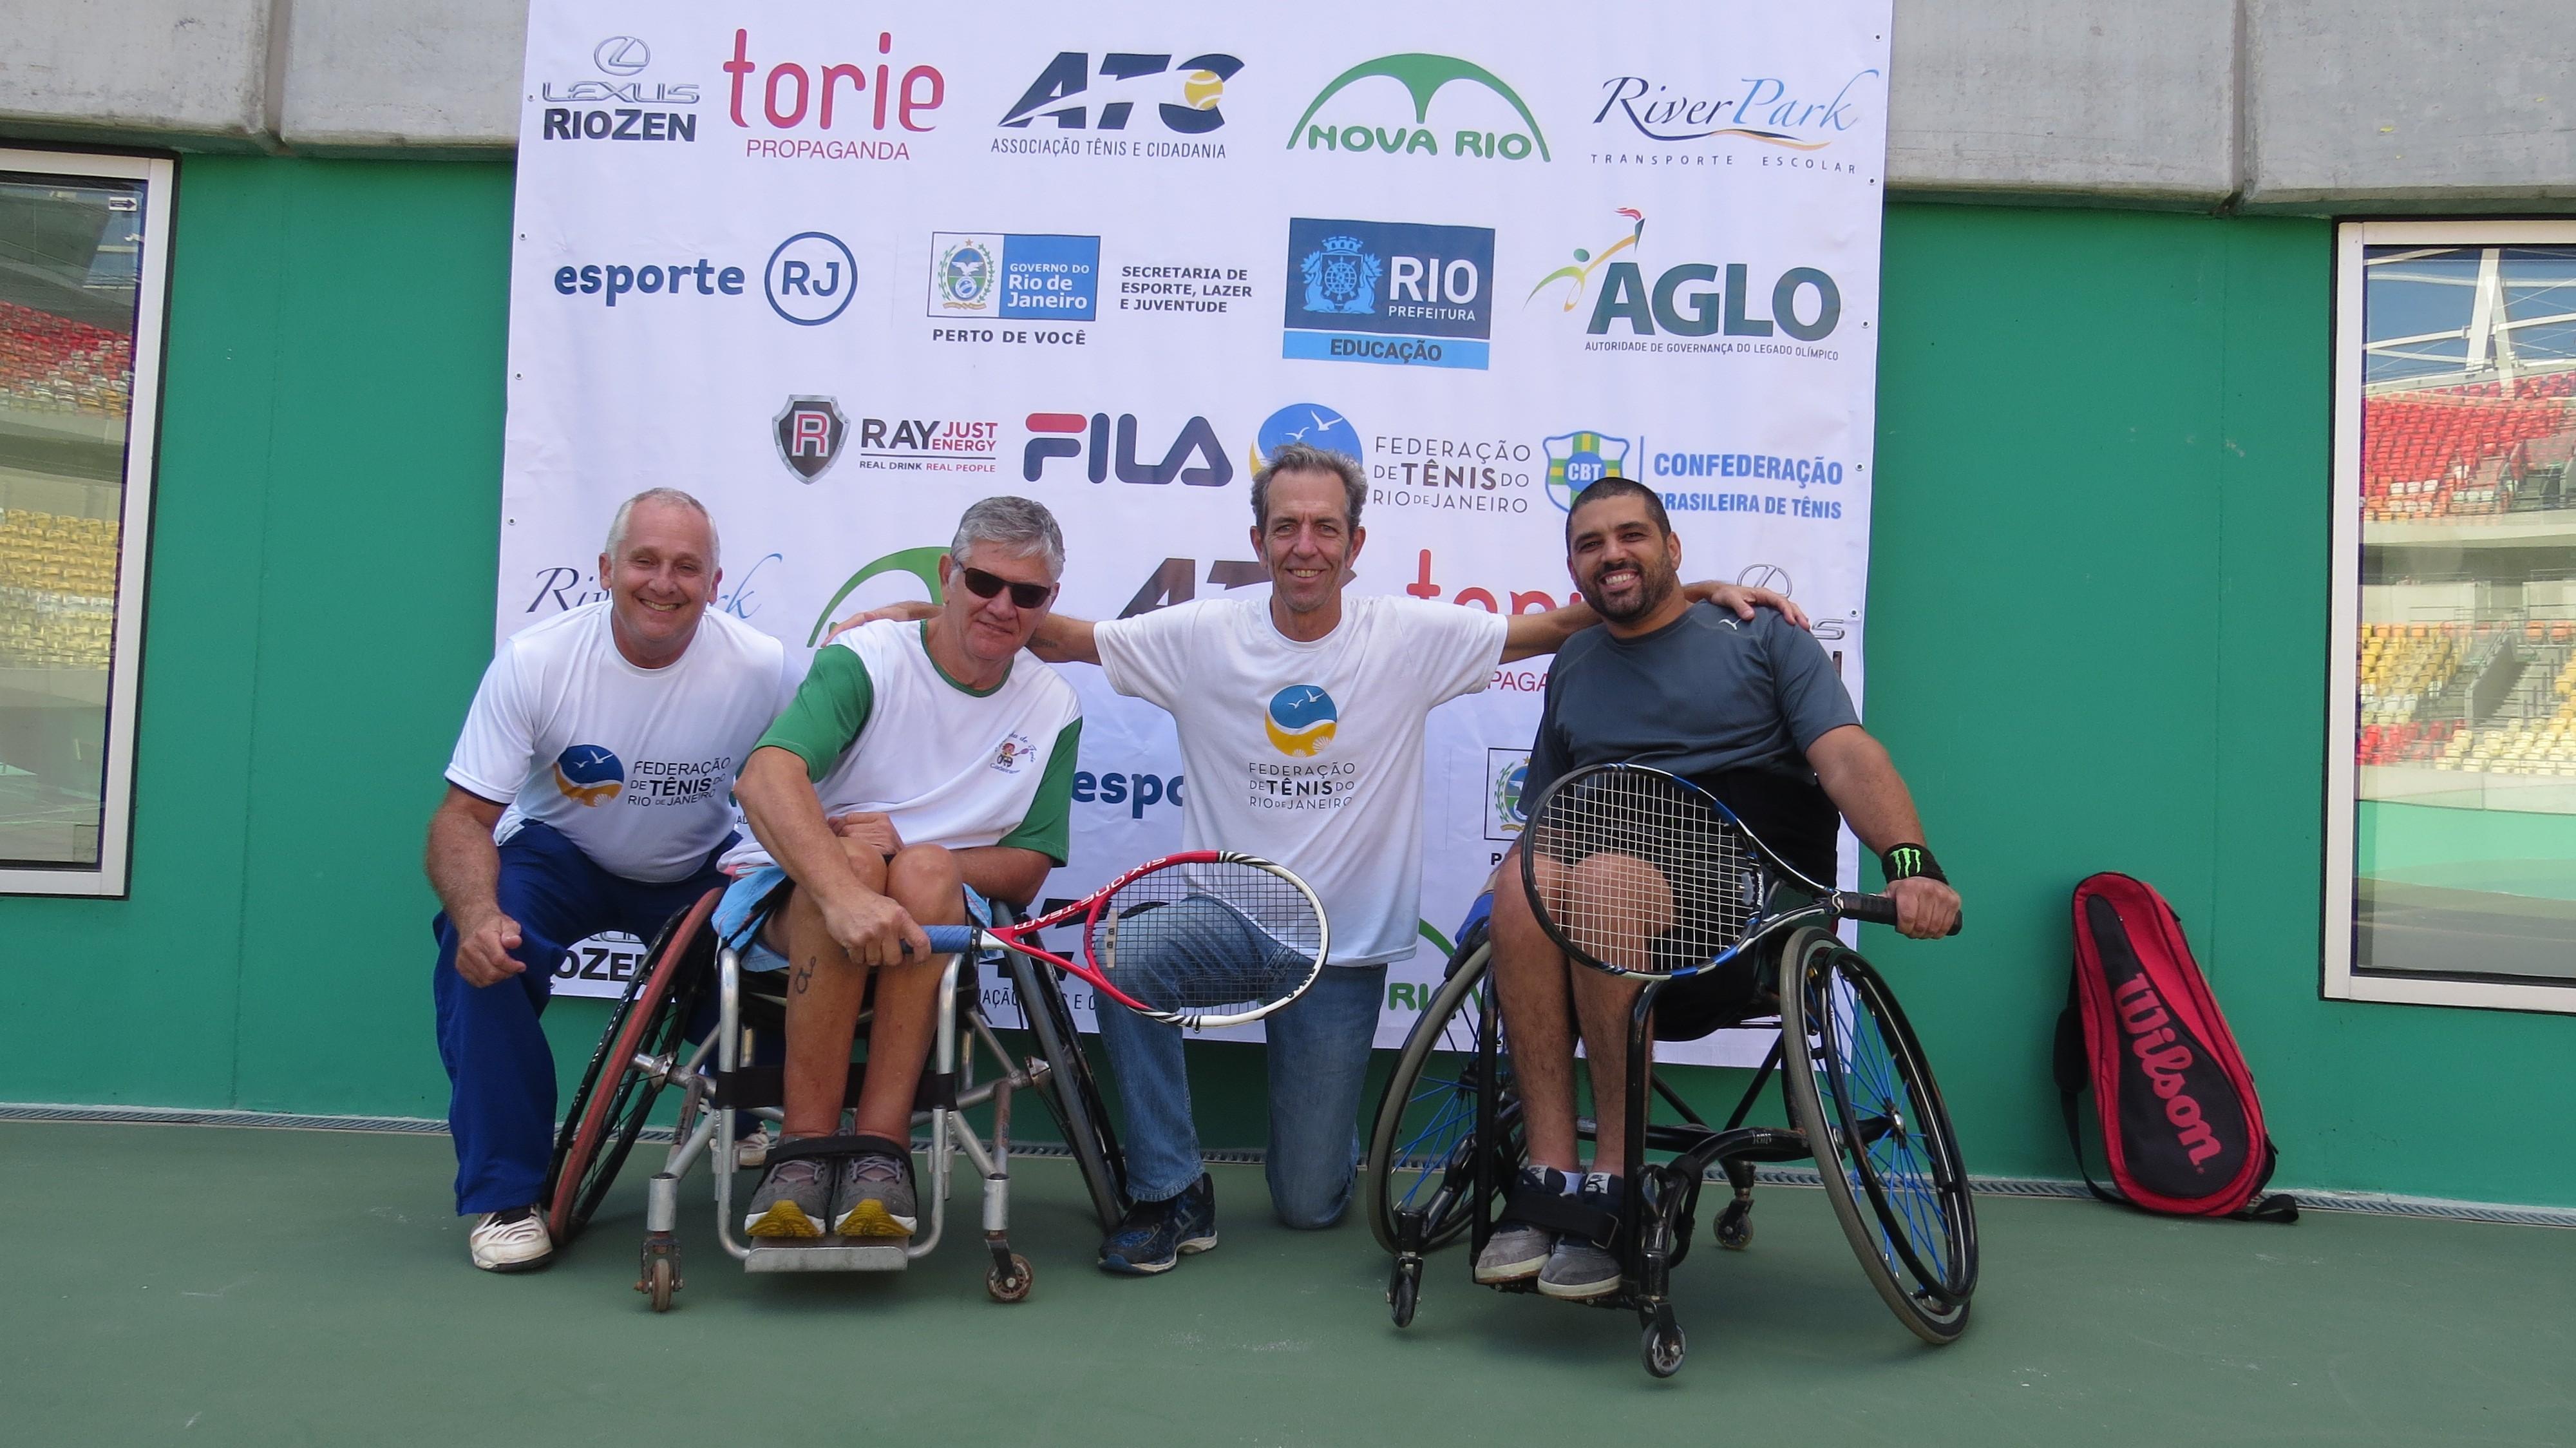 Alexandre Katz, diretor técnico da Fterj, Paulo Emílio, Renato Cito, presidente da entidade, e Vinicius Pontes